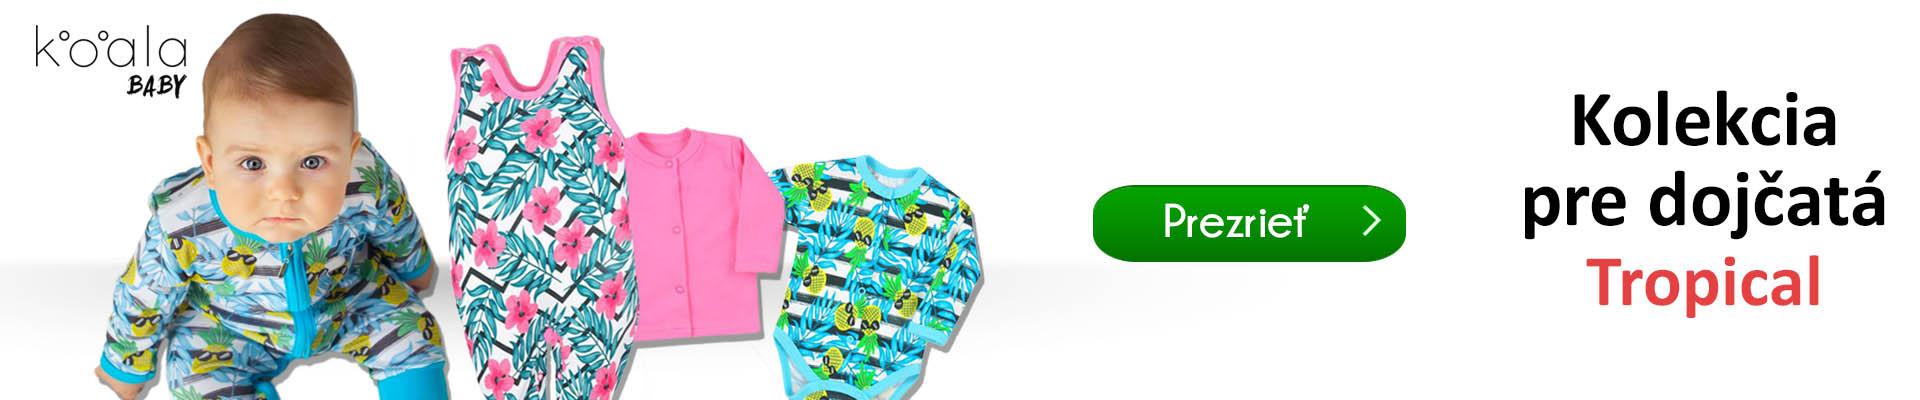 e6446f29979a Módna kolekcia dojčenského oblečenia Tropical od značky Koala pre našich  najmenších s hravým a veselým motívom. Rodičmi je toto oblečenie veľmi  obľúbené pre ...